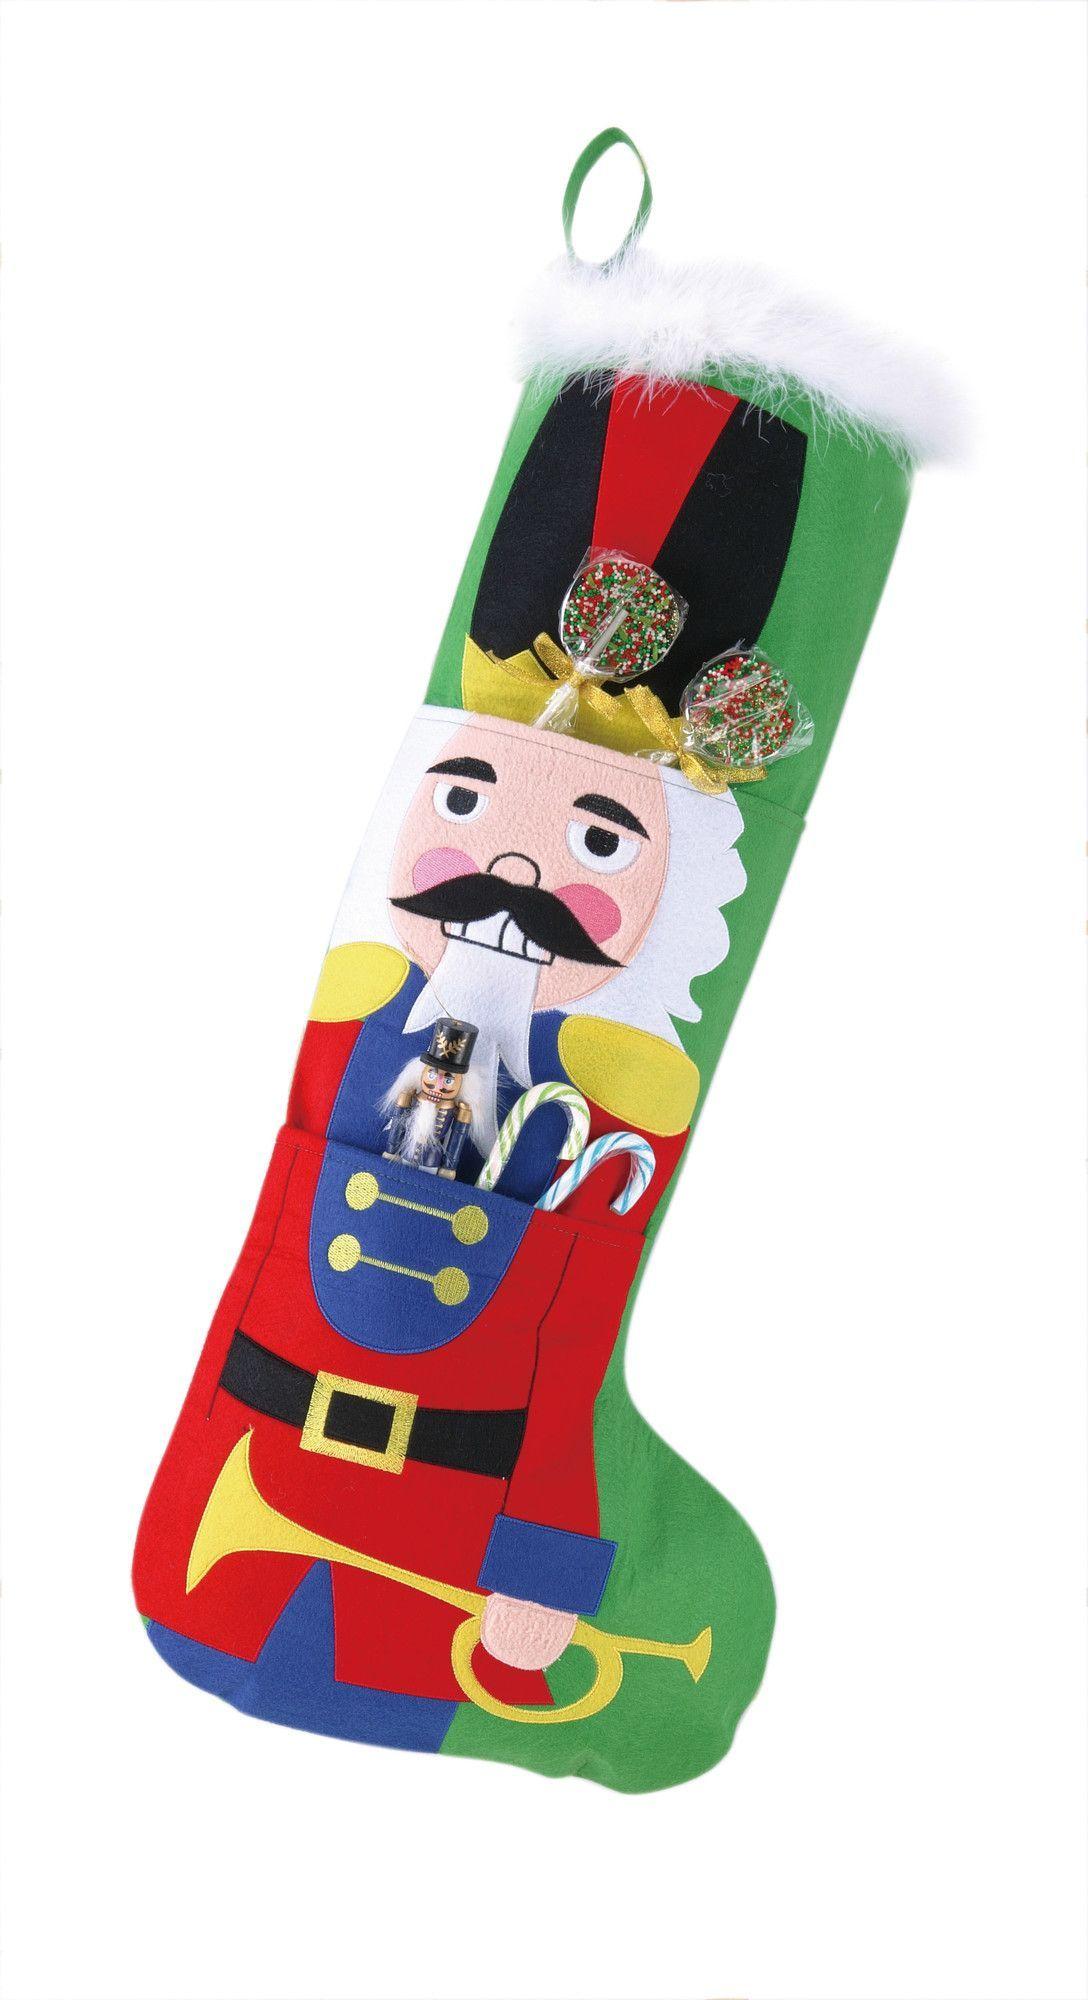 Jumbo Nutcracker Stocking | Felt stocking, Felting and Holiday themes